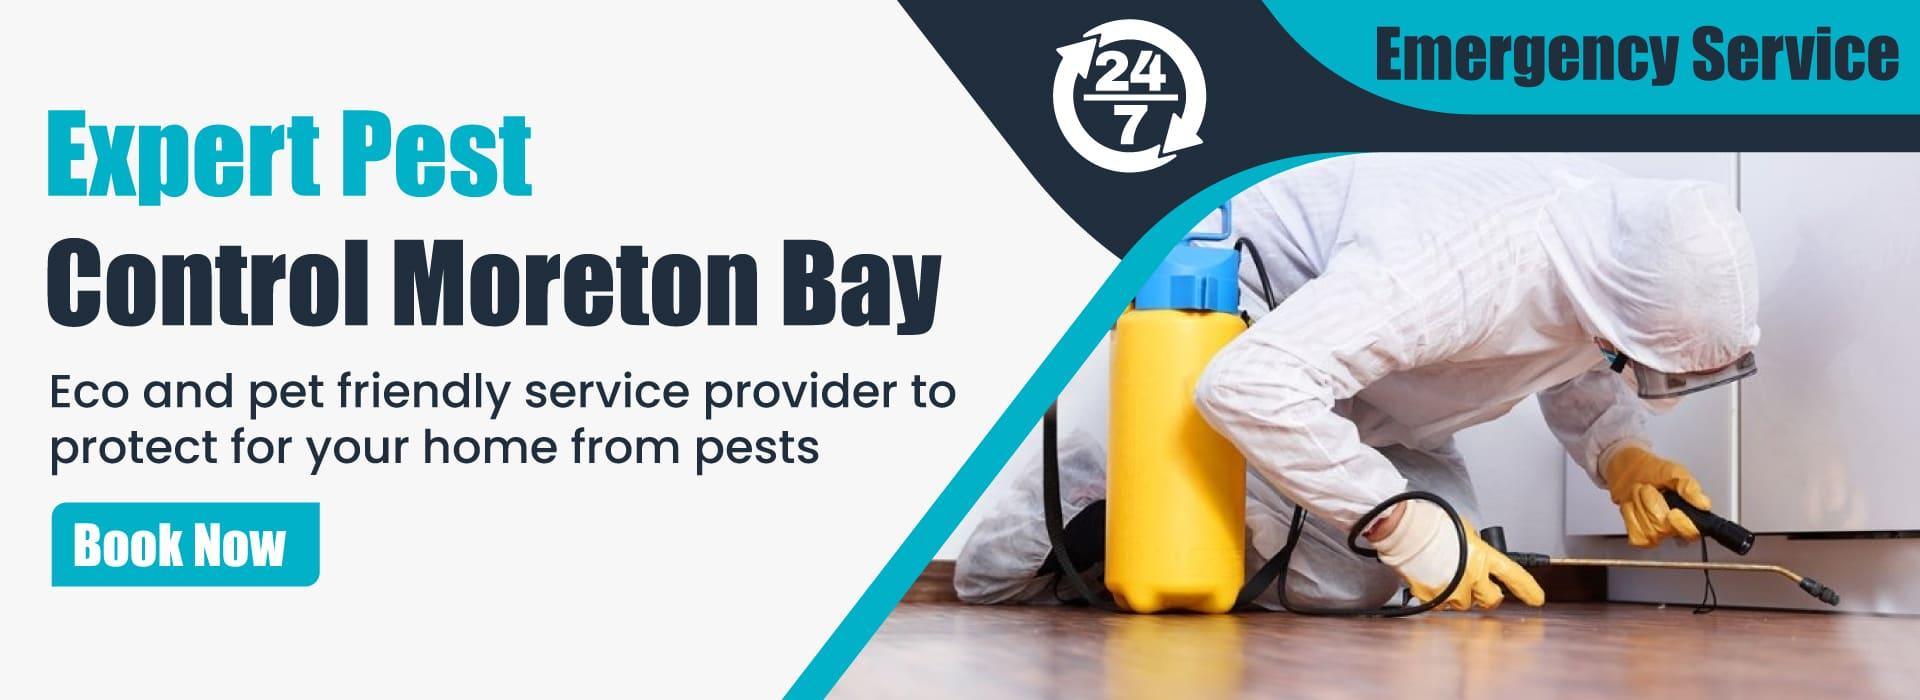 Pest Control Moreton Bay